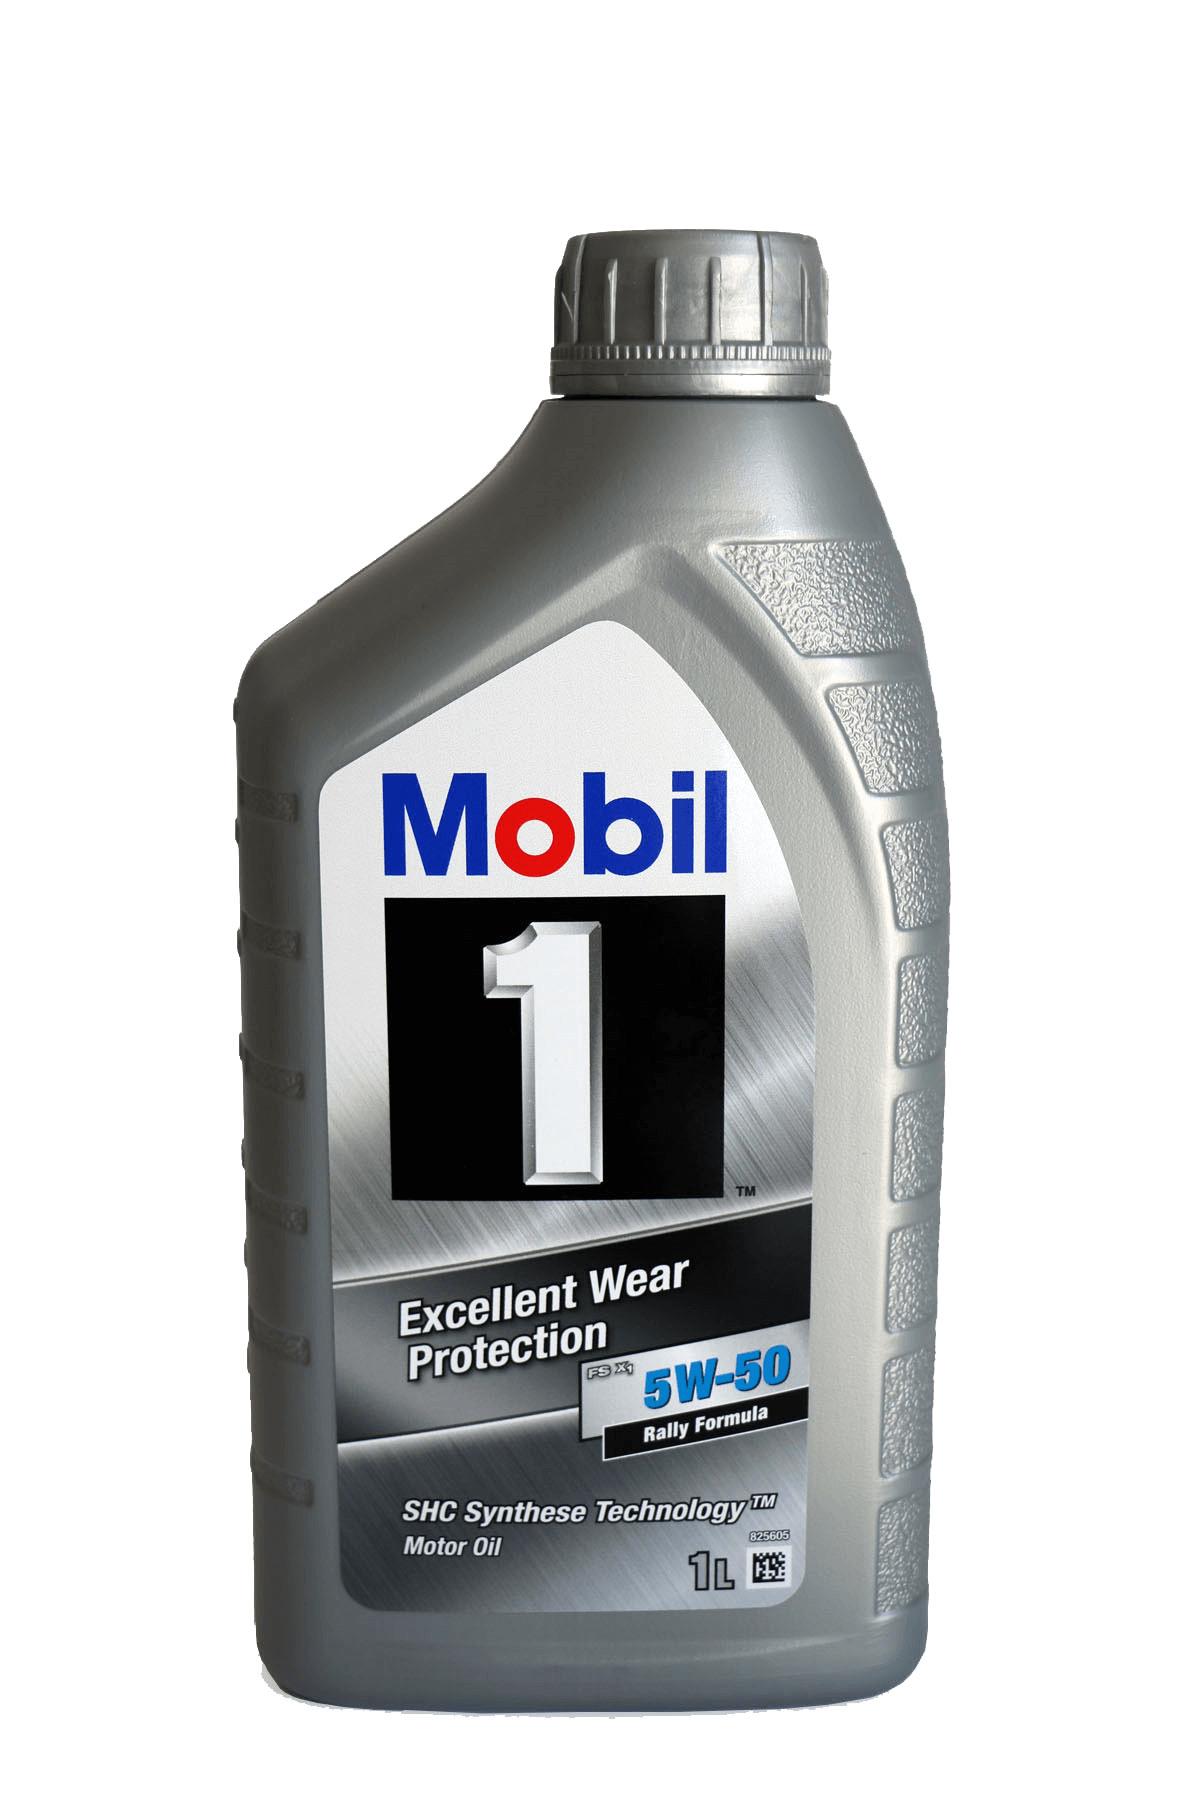 Mobil 1 FS x1 5W-50 Motoröl, 1l